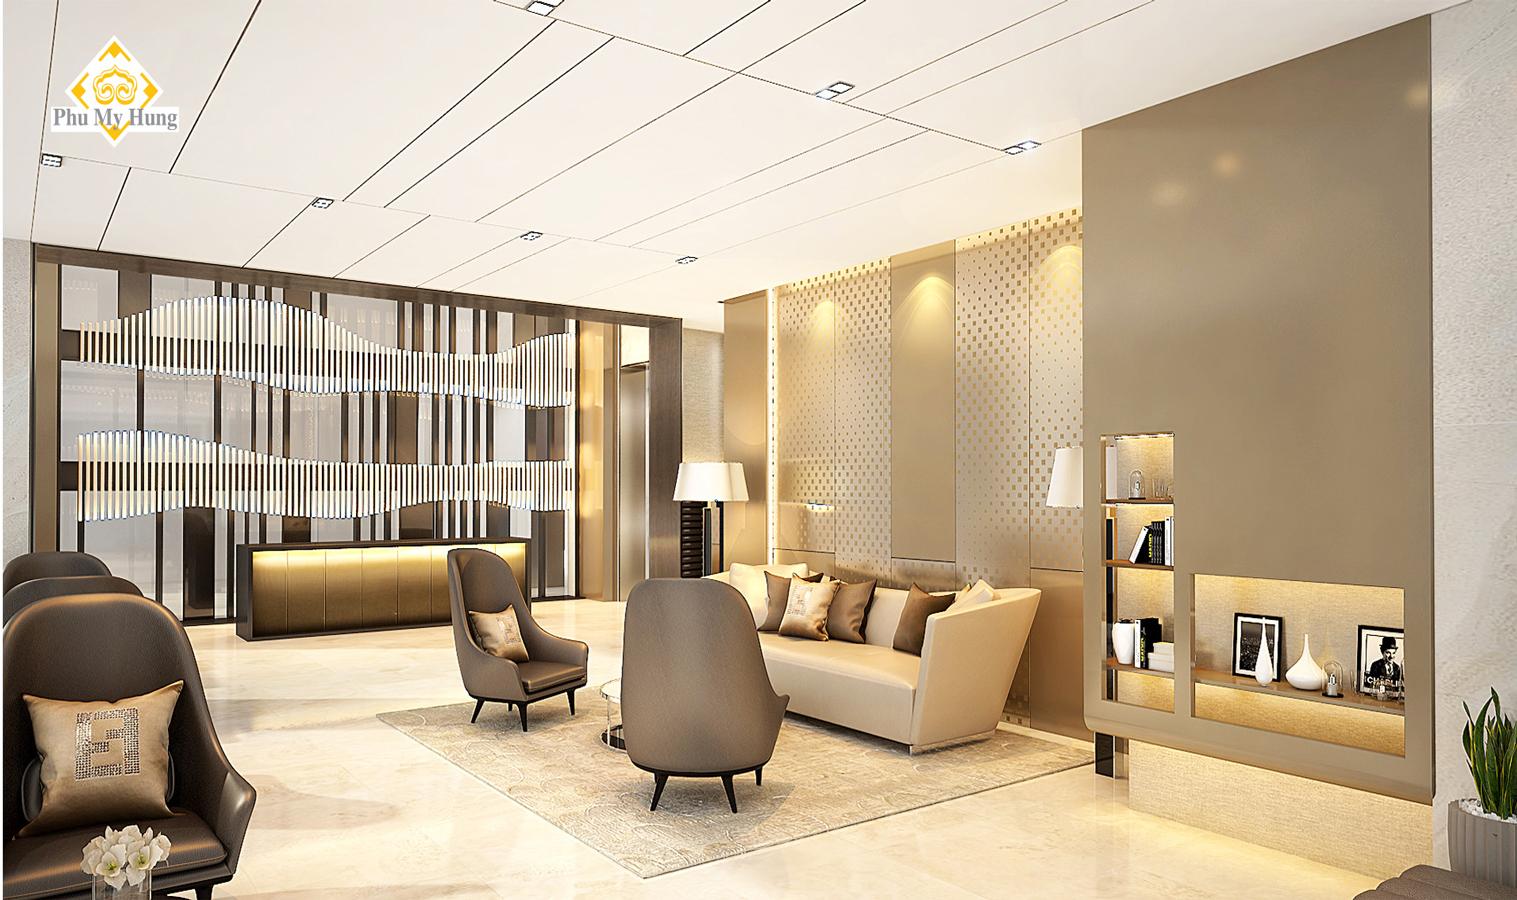 Dự án căn hộ Khải Vy - Hoàng Quốc Việt Quận 7